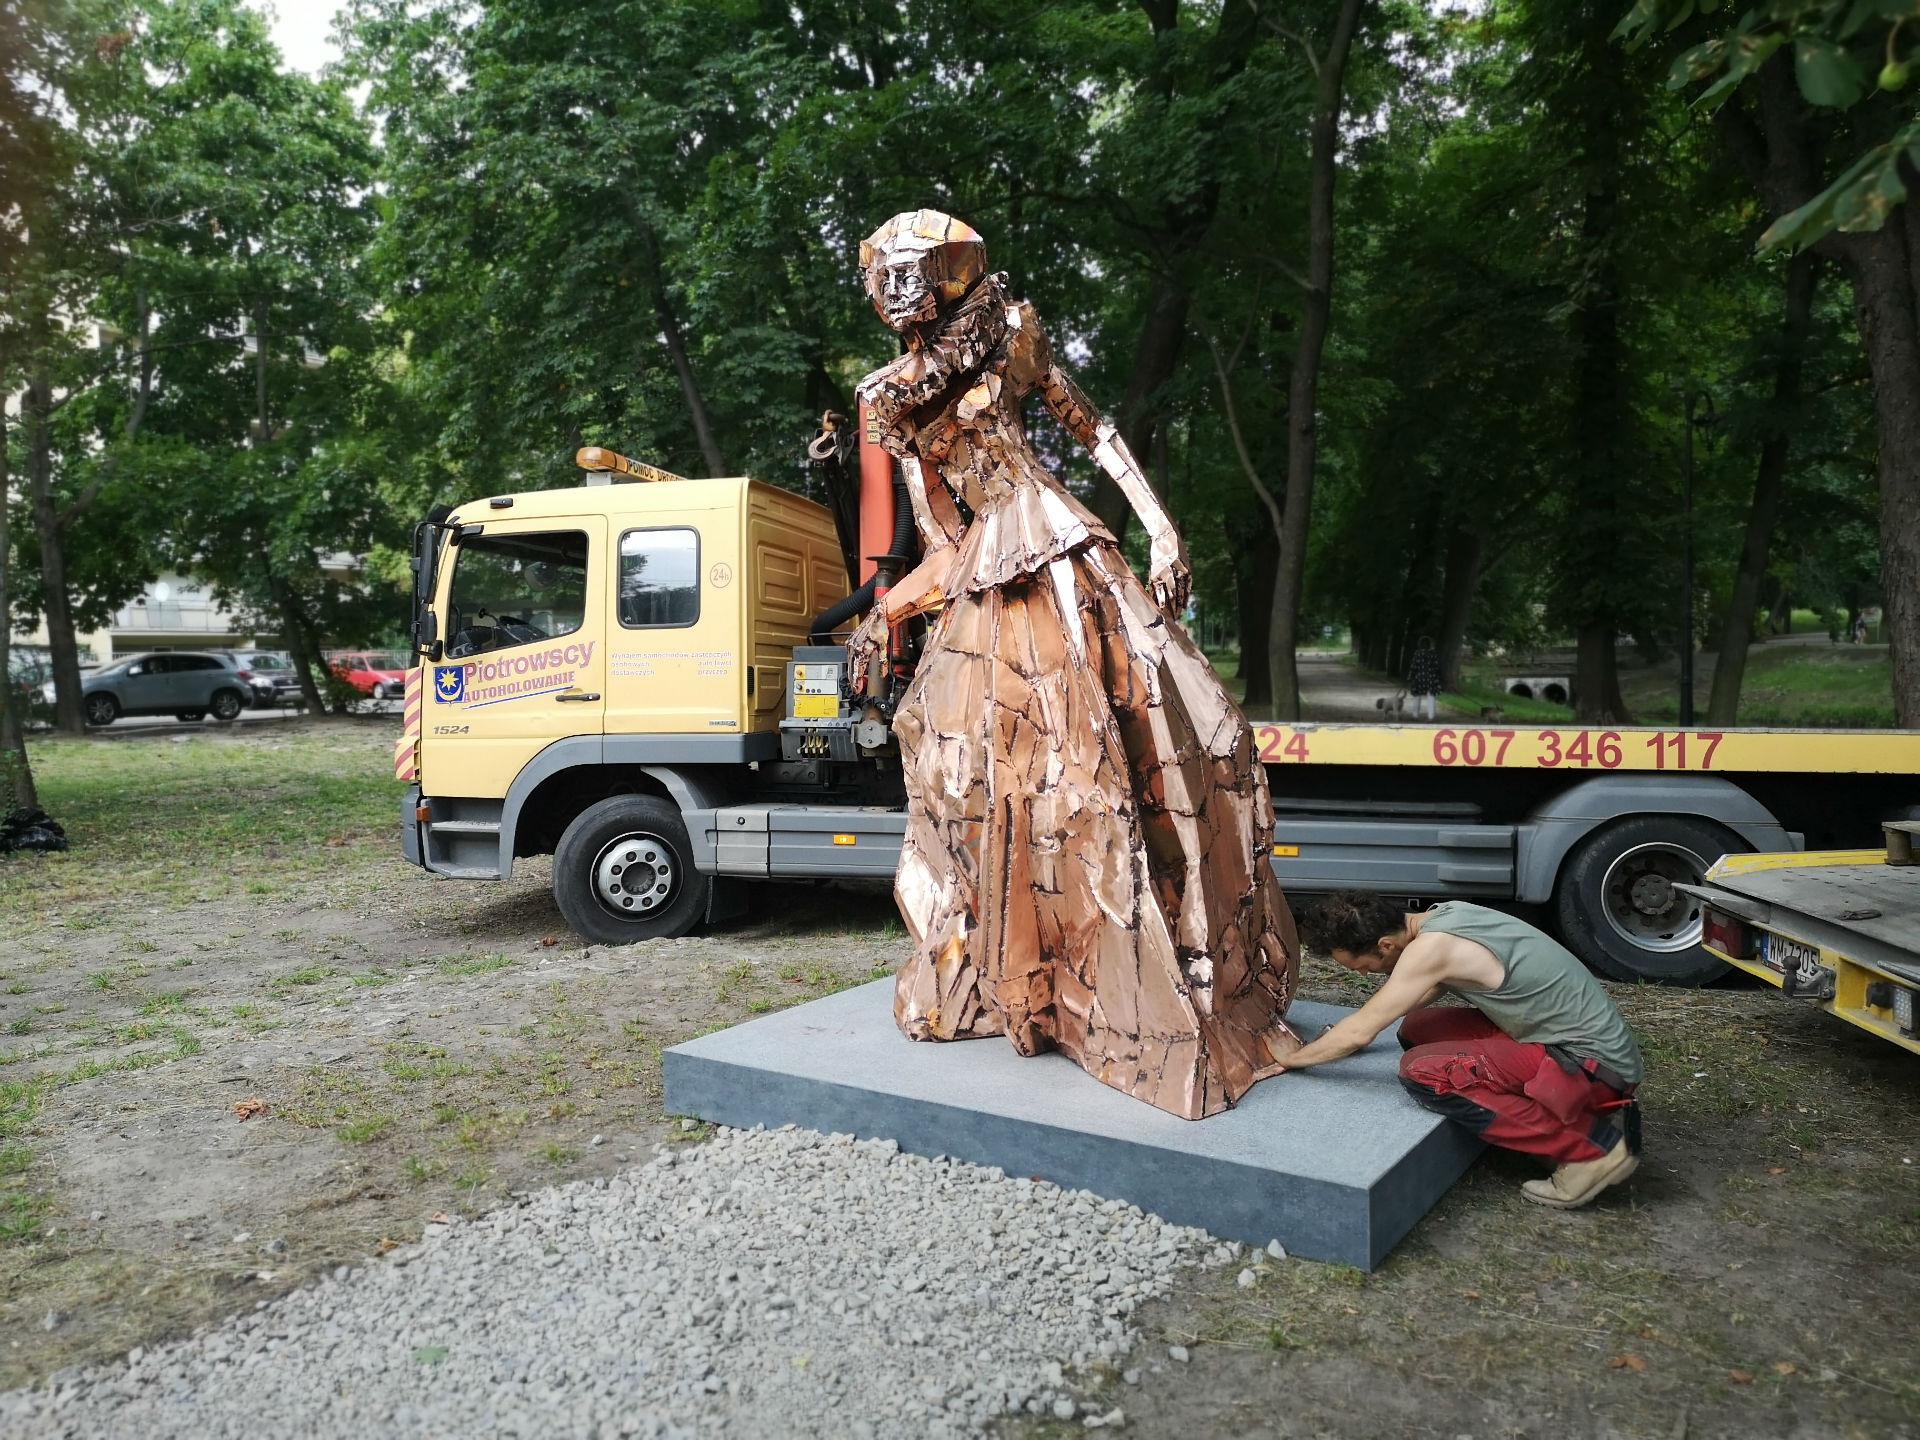 Pomnik Anny Mińskiej ustawiony na cokole, pozbawiony uprzęźy. Jeden mężczyzna dokonuje ostatnich poprawek łączenia z cokołem.